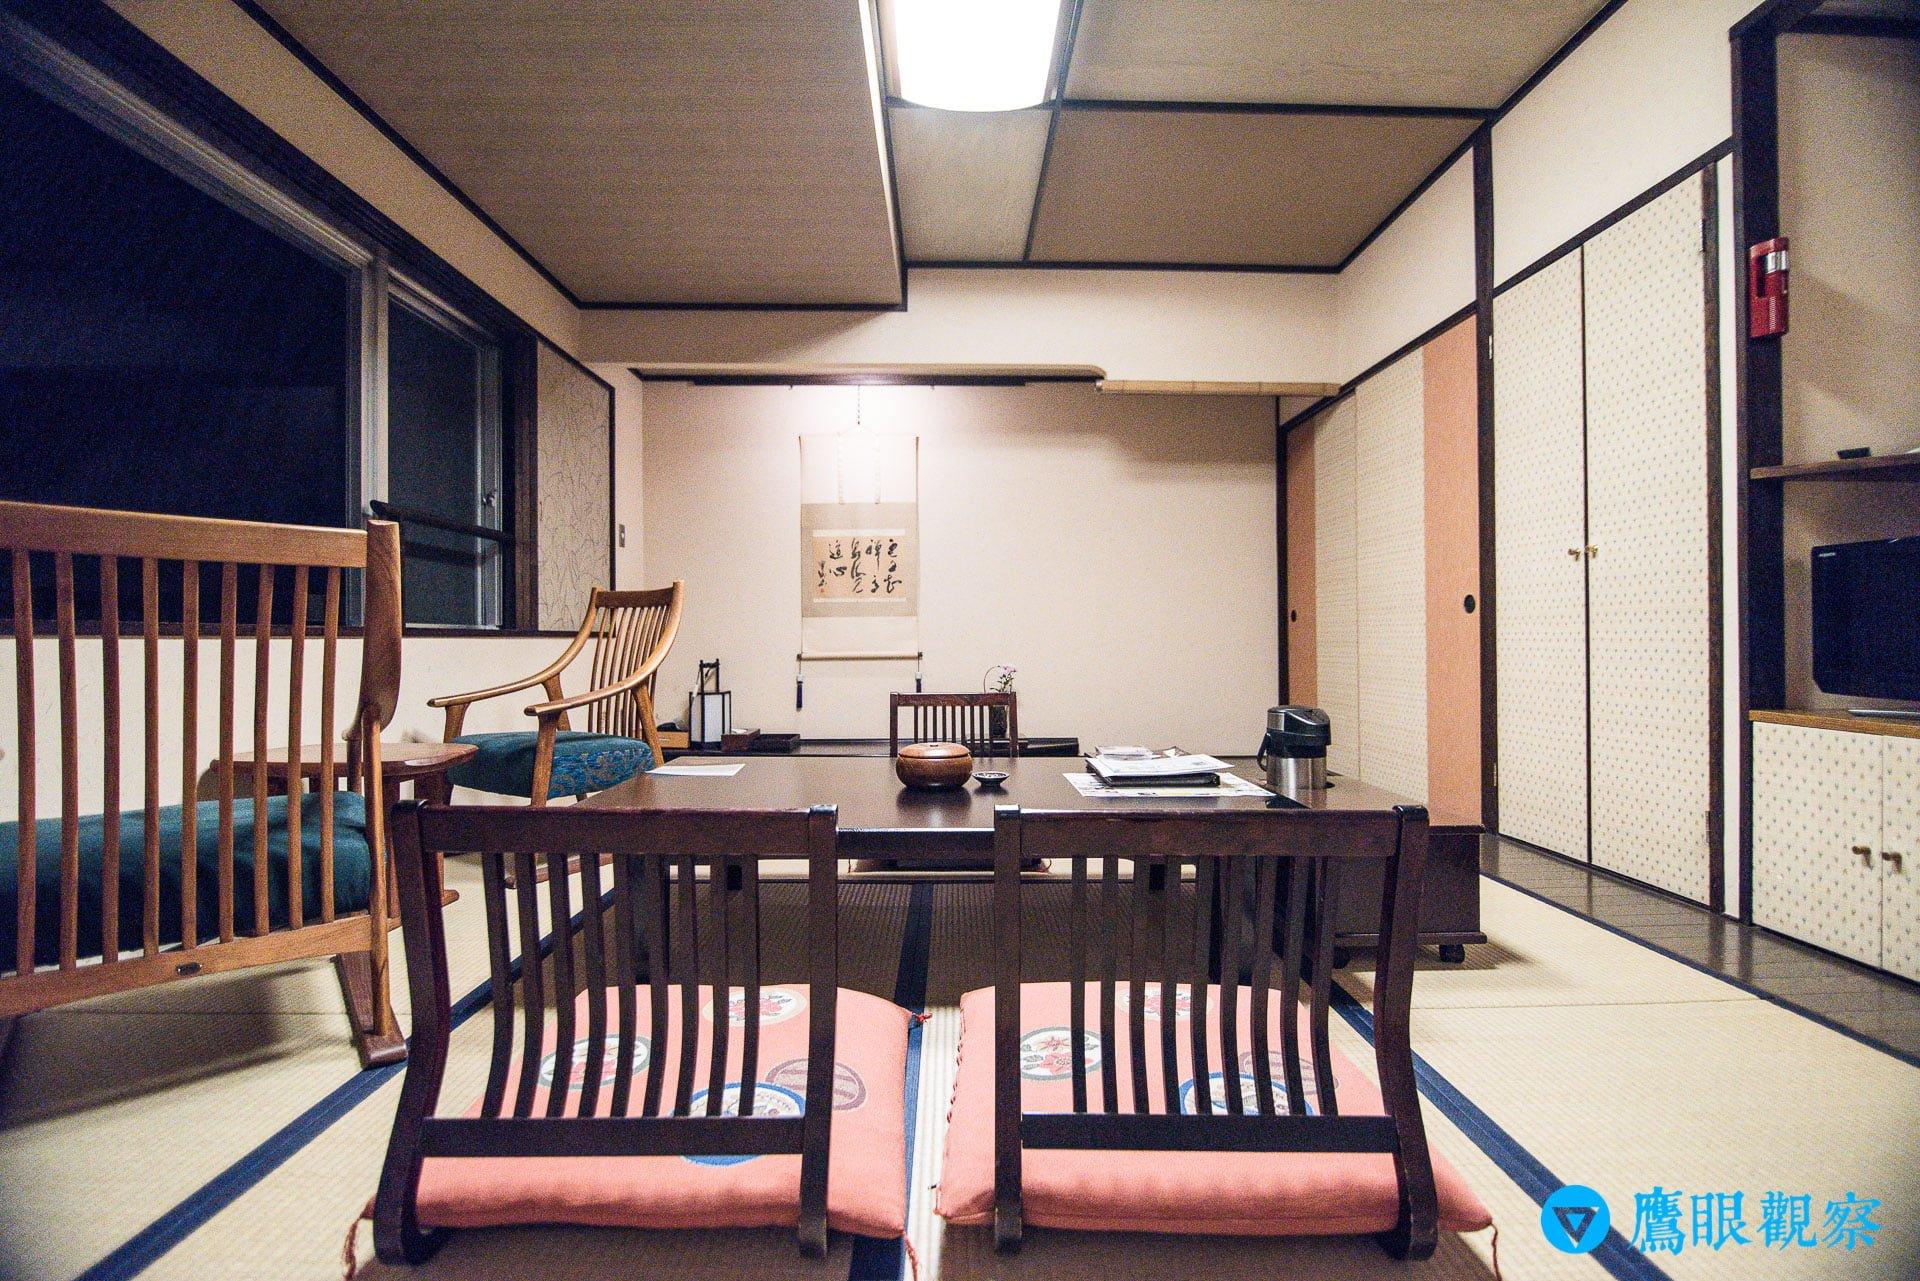 travel Japan gunma kishigon ryokan hotel in izumo spa hot spring 3 群馬縣伊香保溫泉「岸權旅館」日本旅館住宿推薦